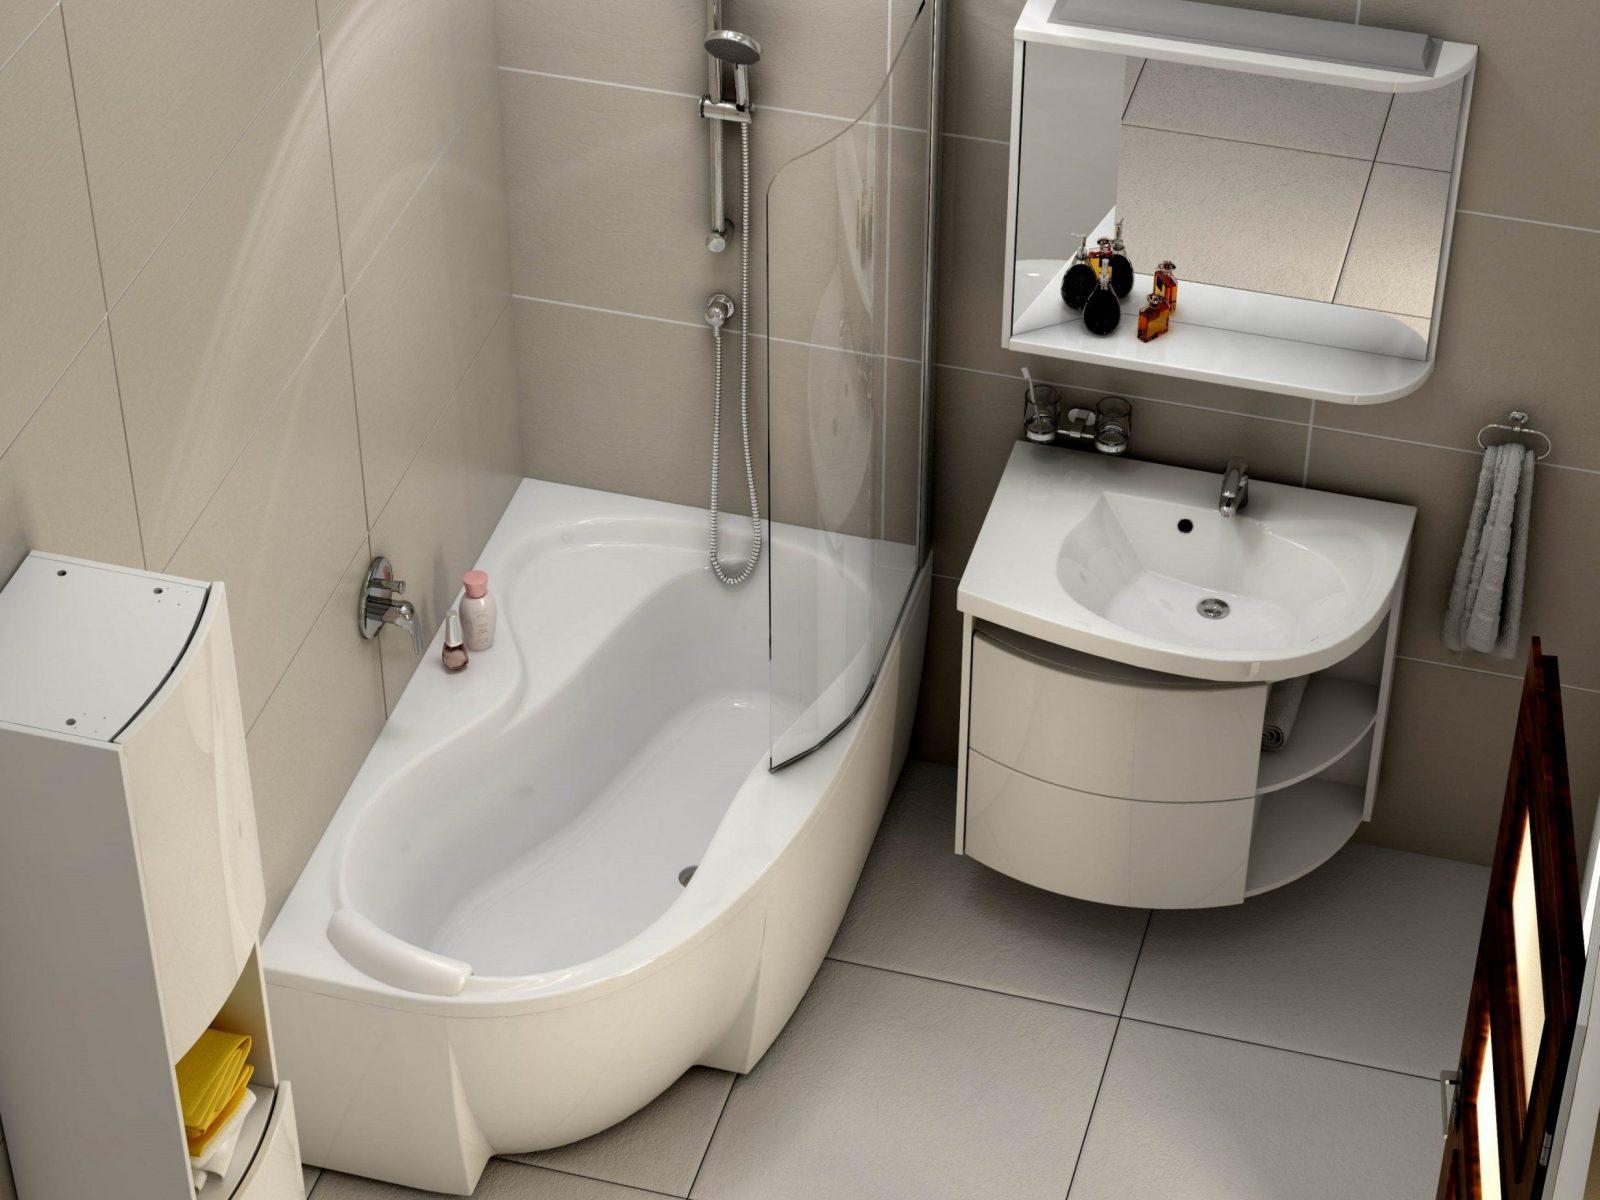 Asymmetrische Badewanne Schürze 160 X 95 Cm Und Duschbereich von Badewanne Mit Schürze Günstig Bild